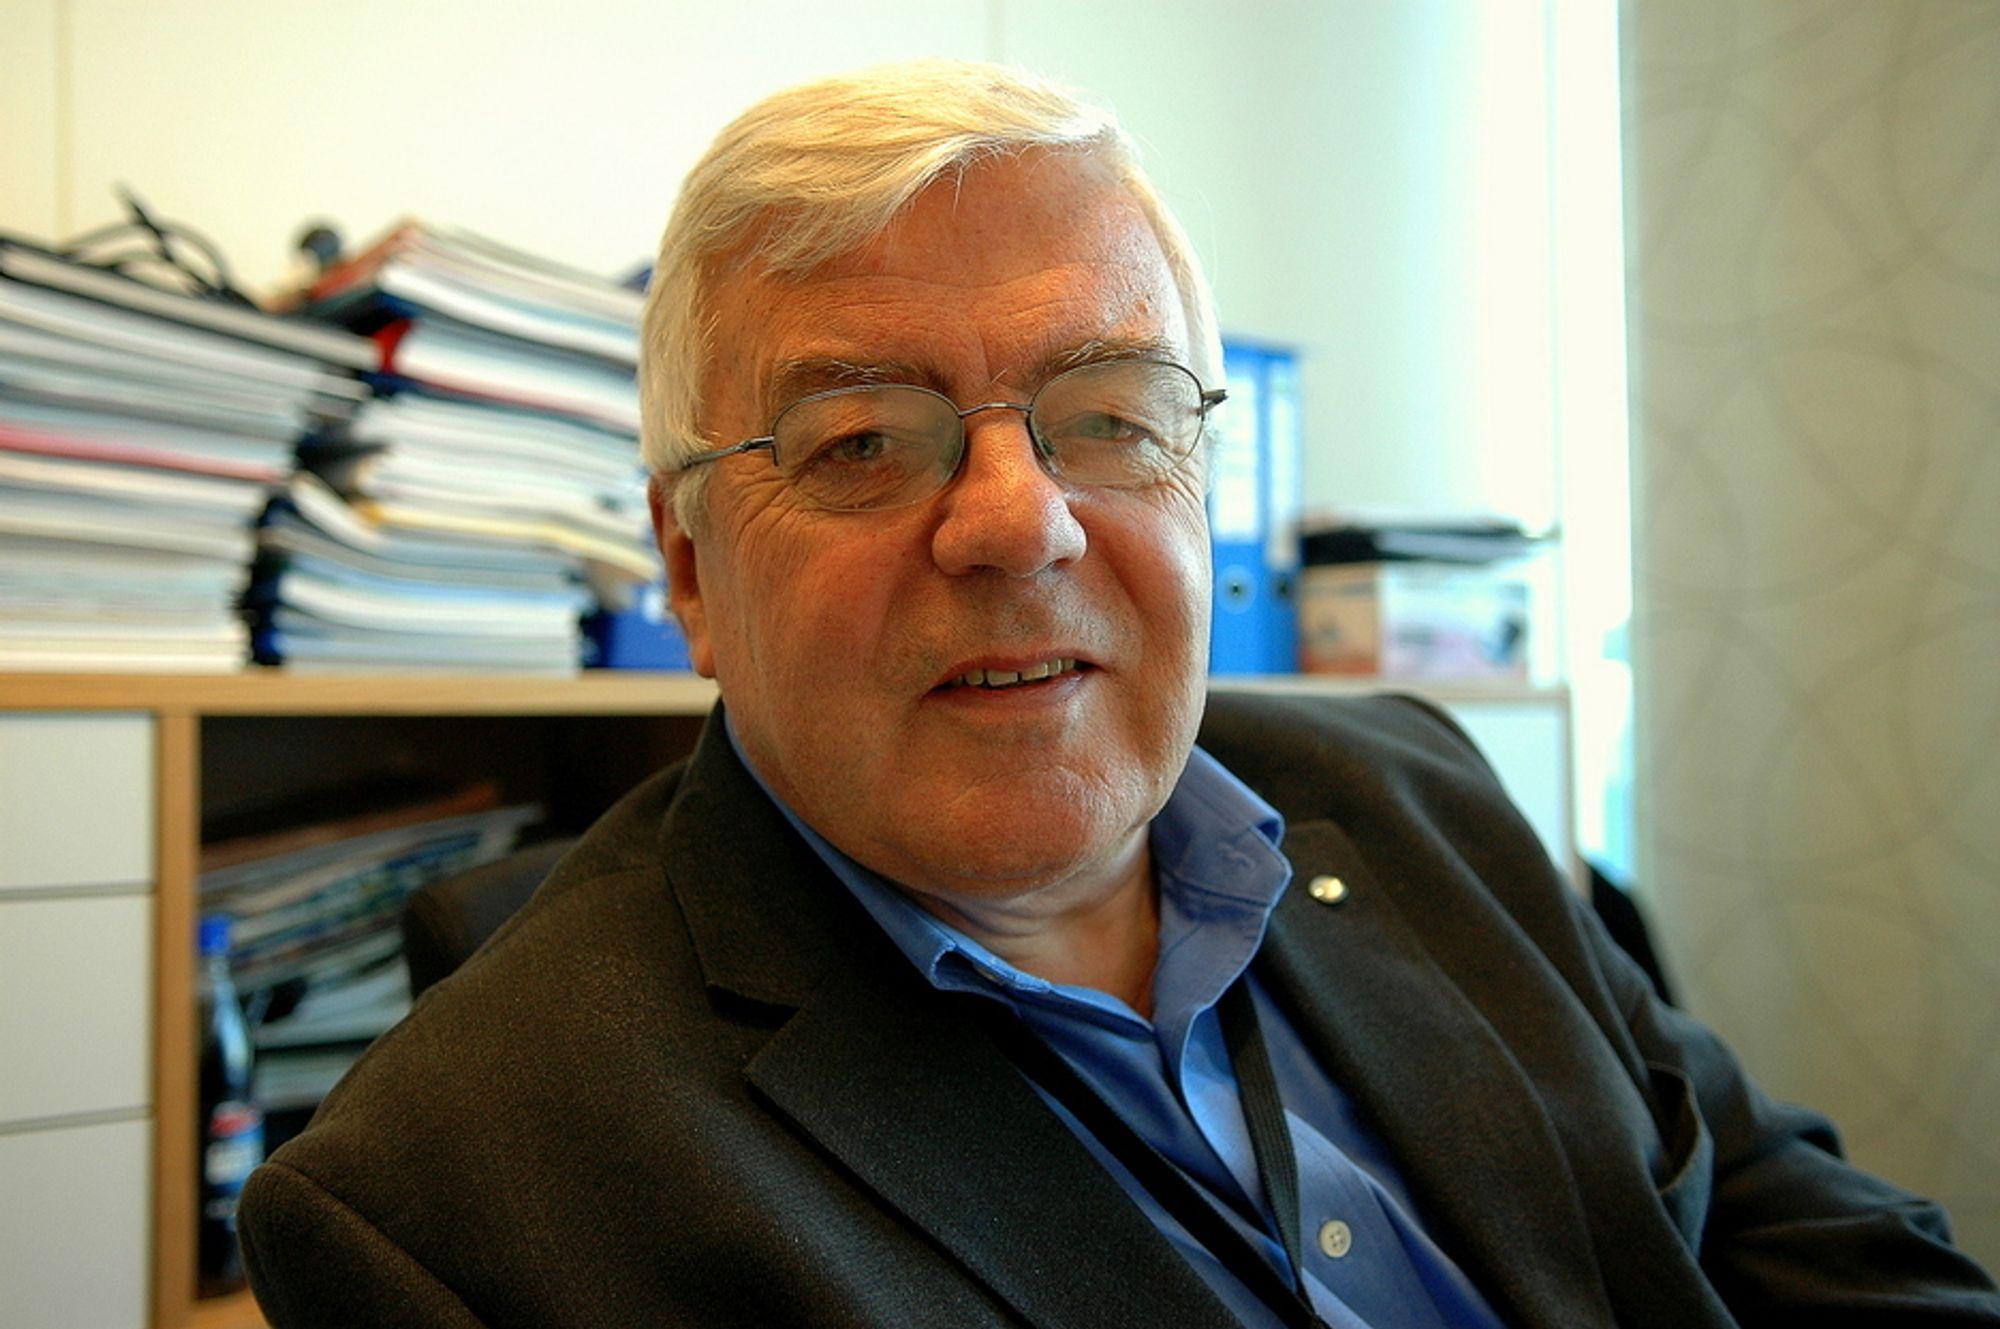 KJÆRKOMMENT: - En ny plattform på Snorre kan bety kjærkomne oppdrag for byggeverkstedene. De har lite å gjøre for tiden, sier Rolf Hestenes.